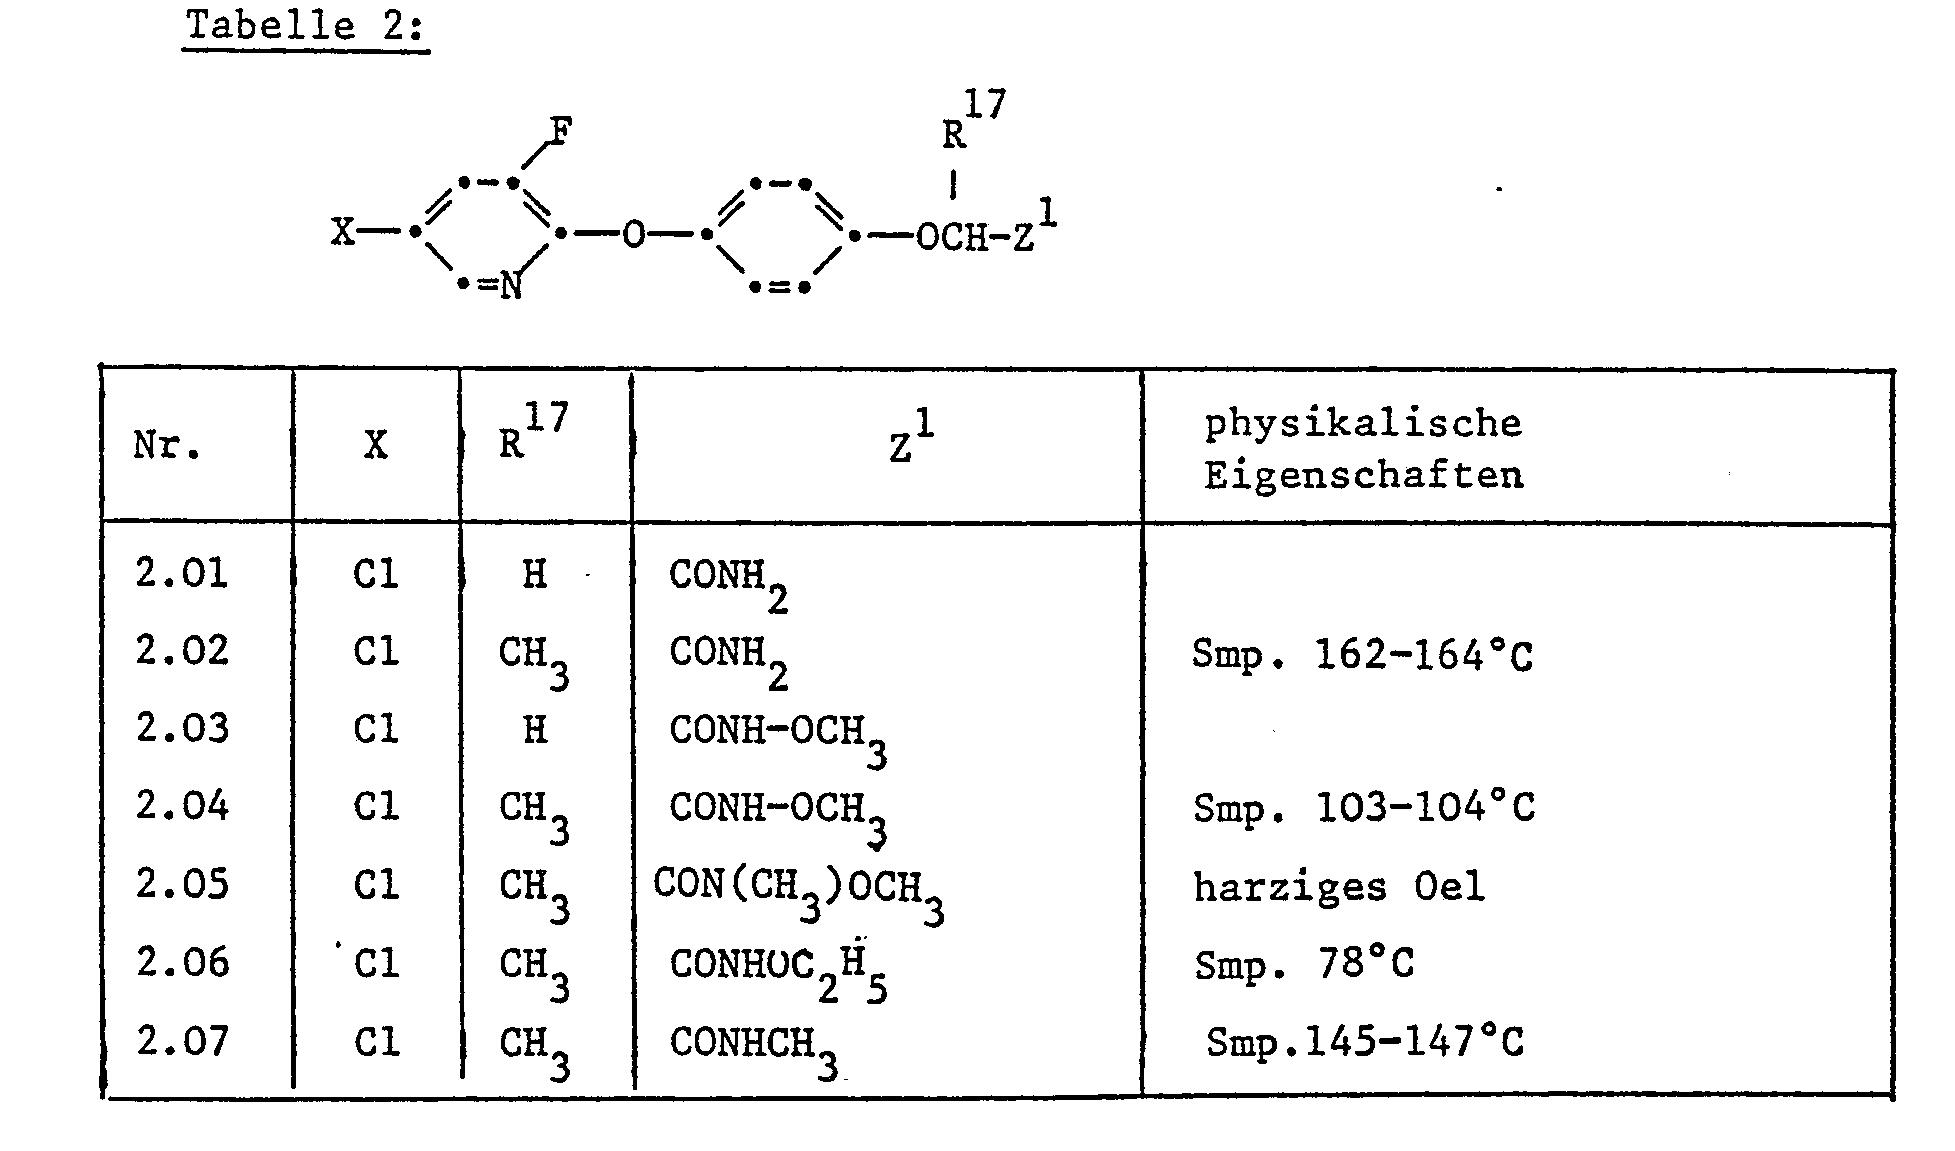 Jardin Encyclopédie Beau Ep A2 3 Fluoropyridyl 2 Oxy Phenoxy Derivatives with